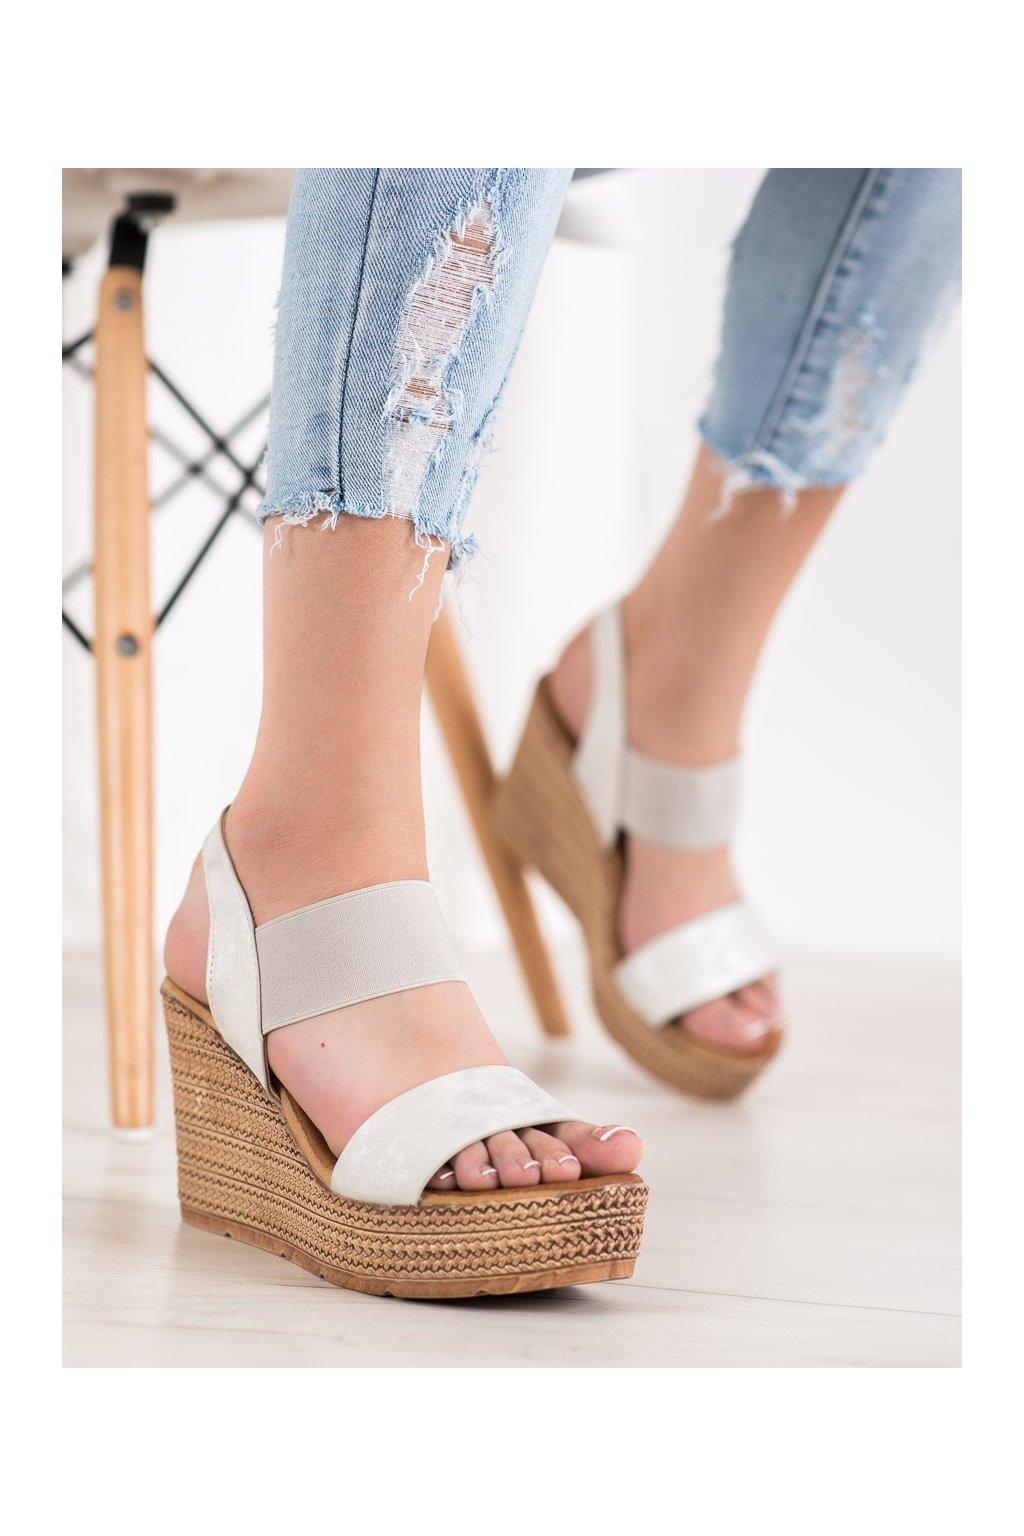 Biele sandále na platforme Sea elves kod 6440W